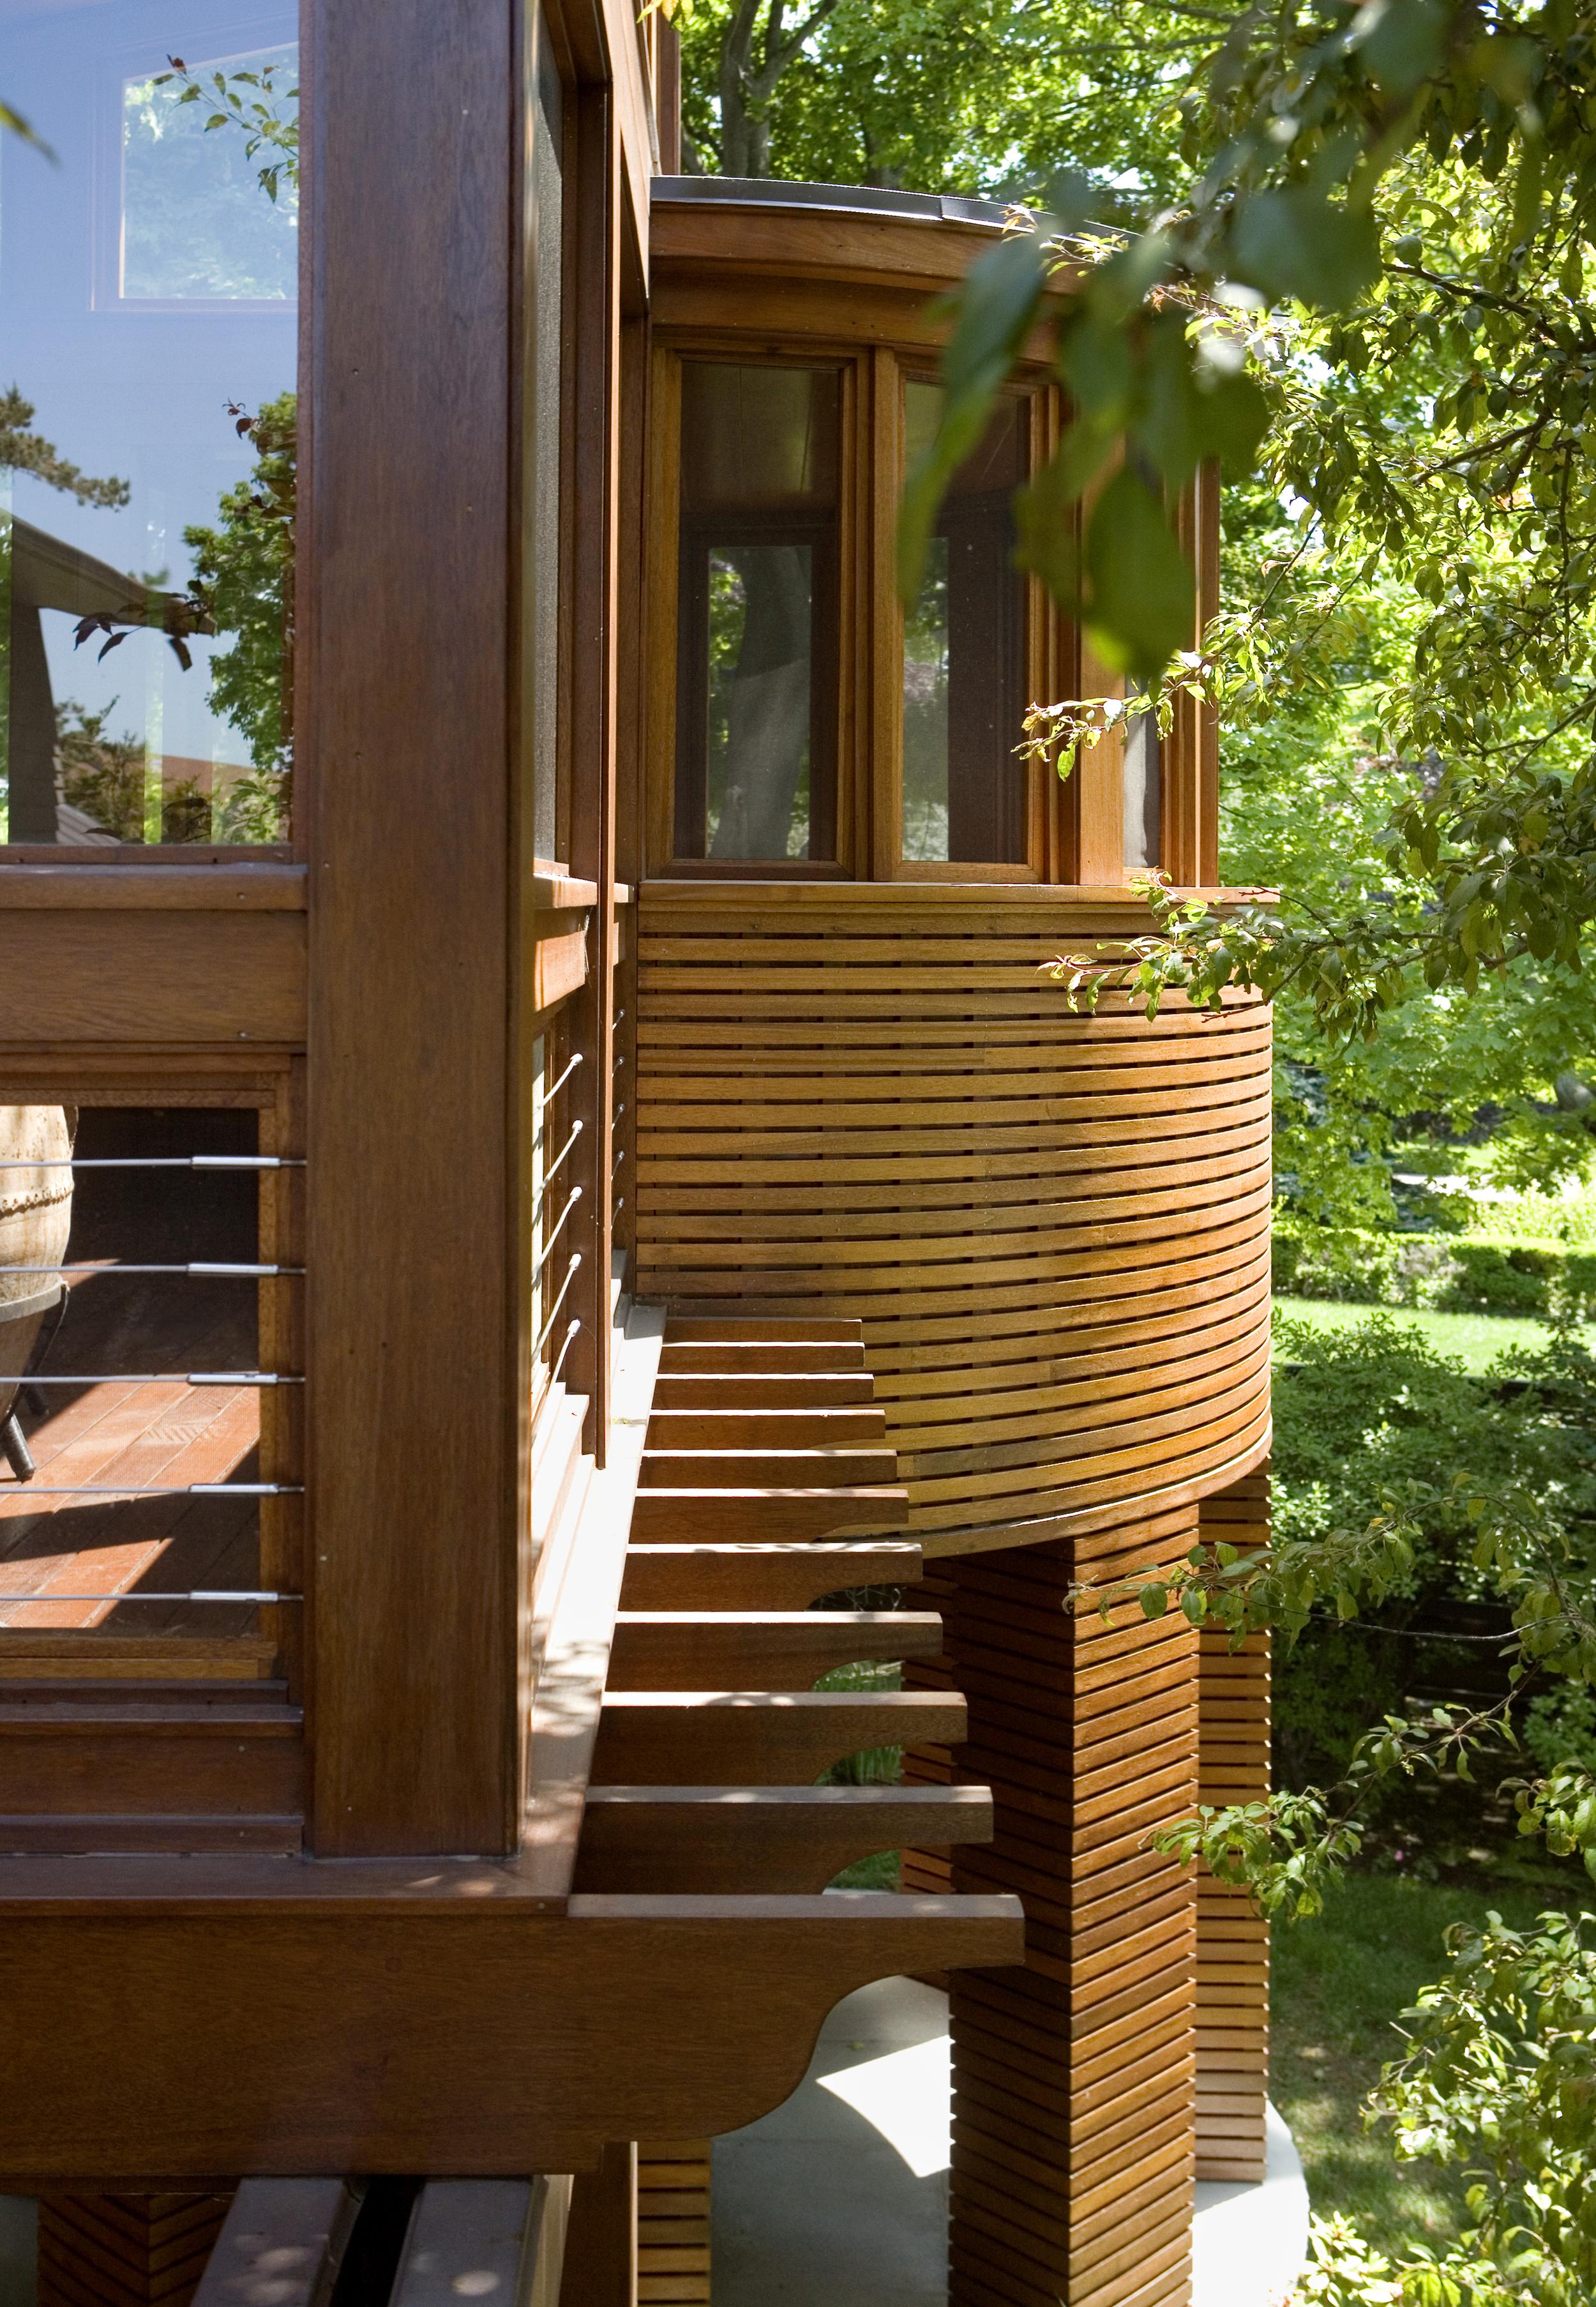 Schwartz 5 07 exterior side view 1.jpg